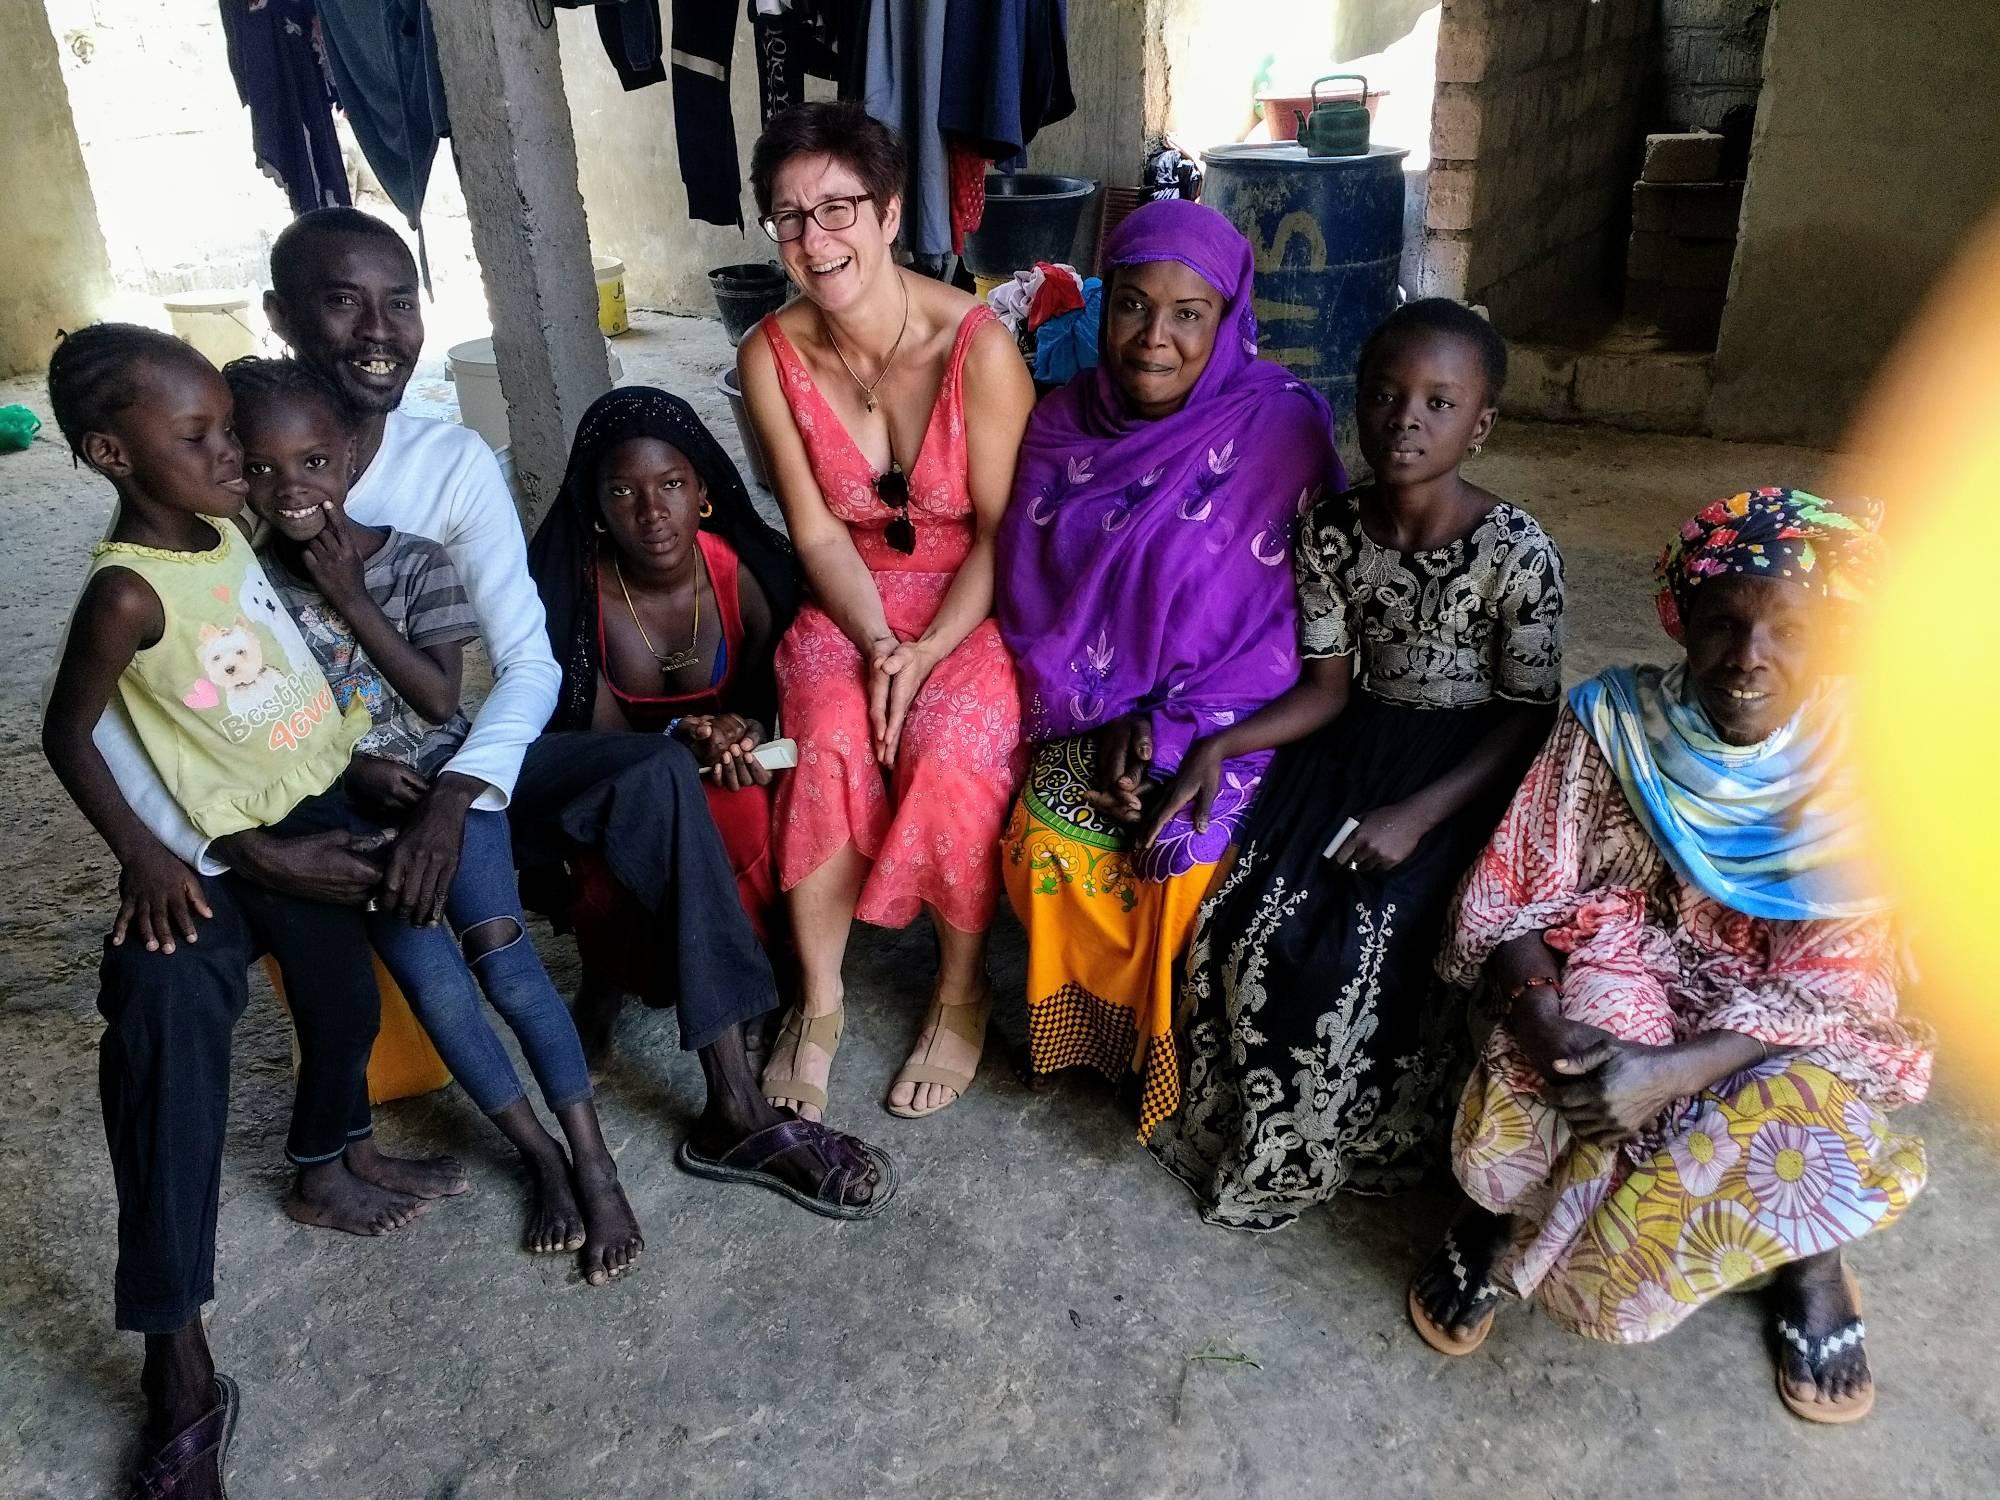 Binta (mit Kopftuch), Fatou Mery im dunklen Kleid rechts neben ihrer Mama